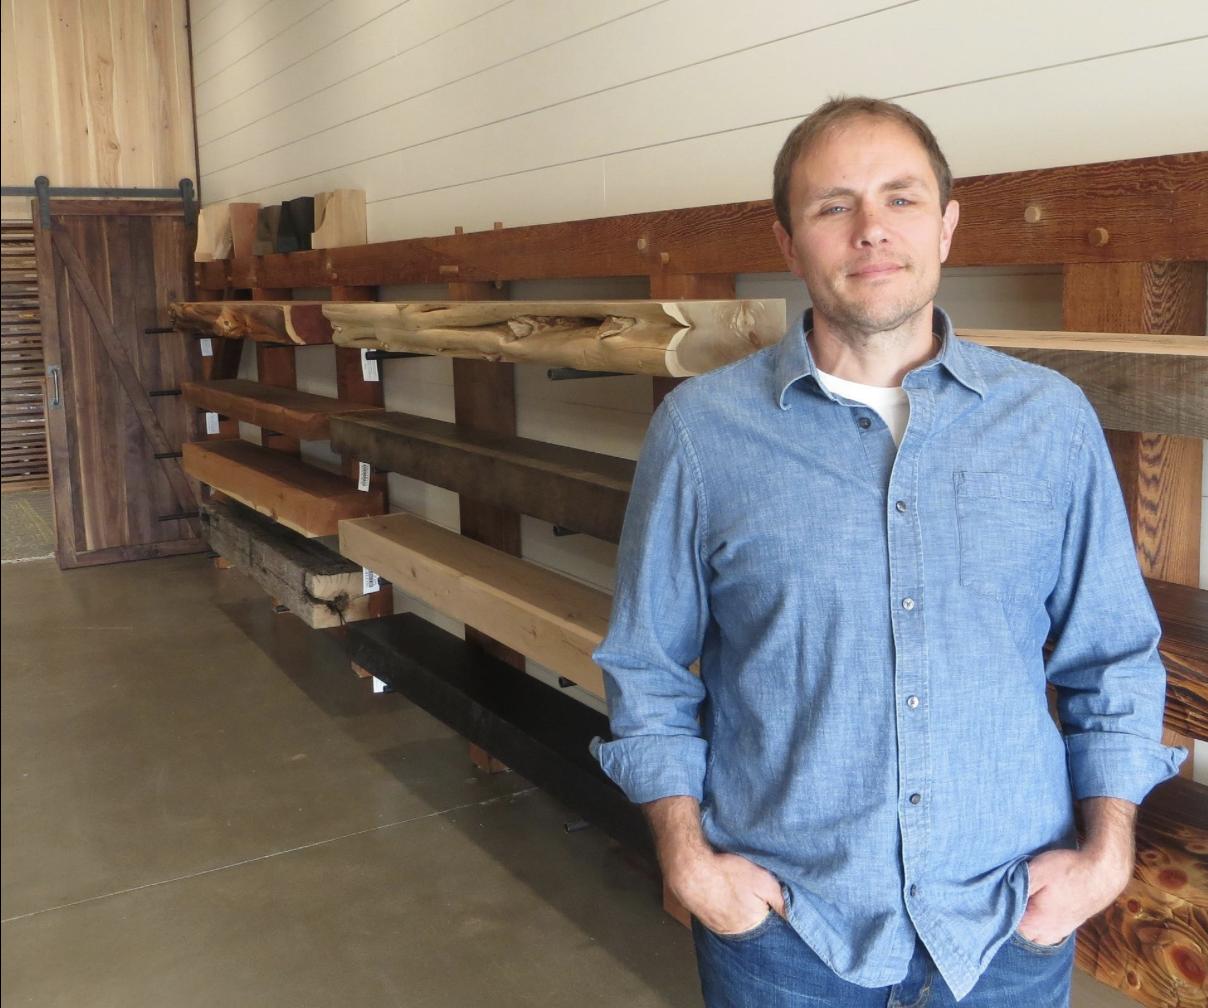 Water's Edge Woods opens new showroom in Oconee County - OnlineAthens | April 14, 2018